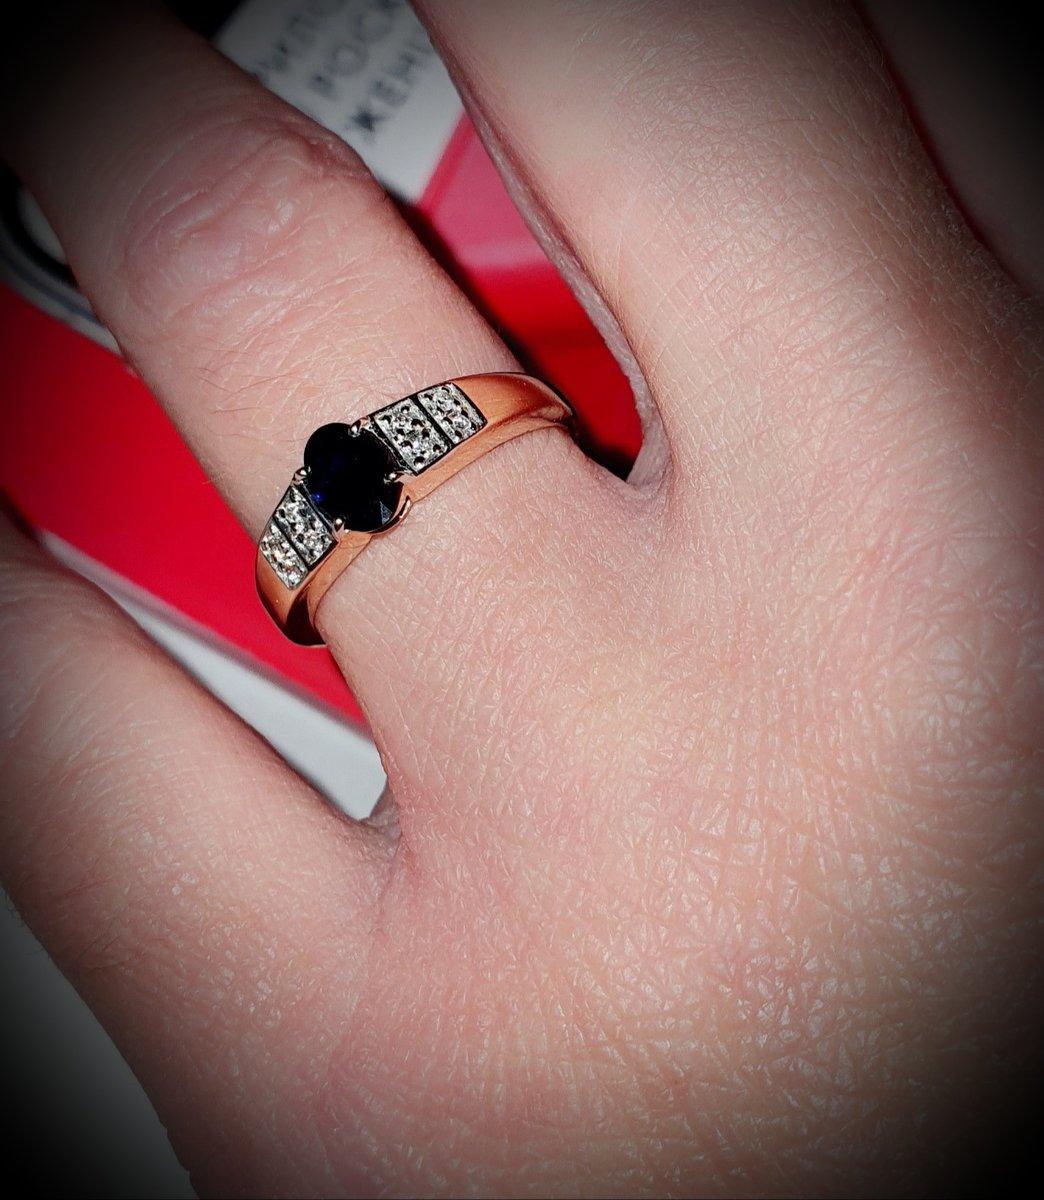 Кольцо покупала на 🎁 маме